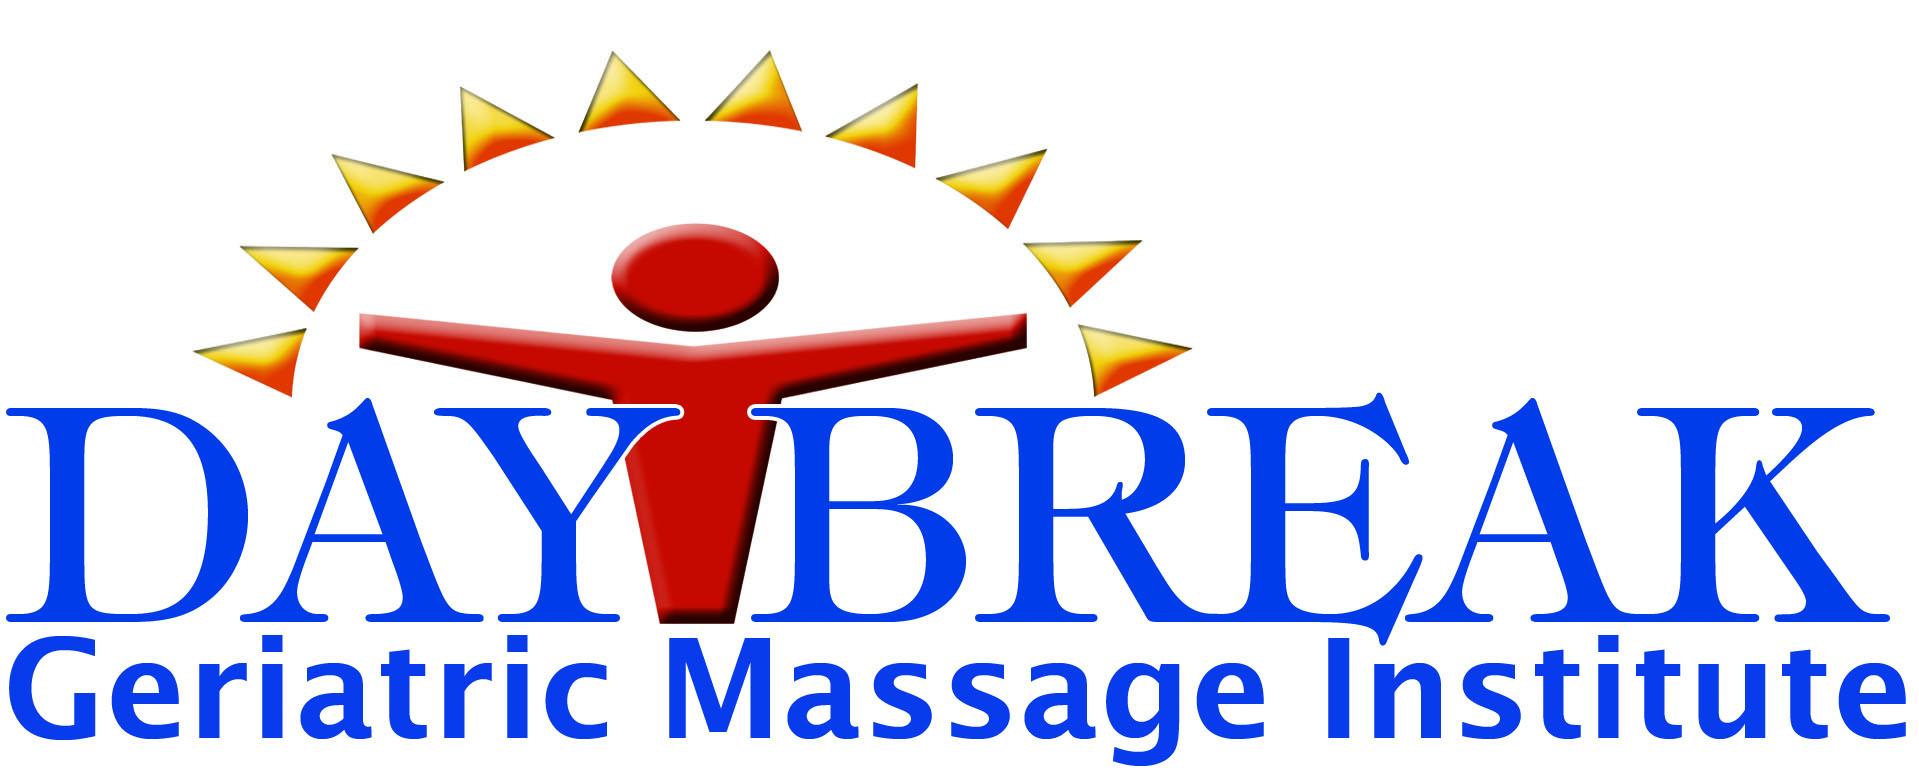 day-break massage